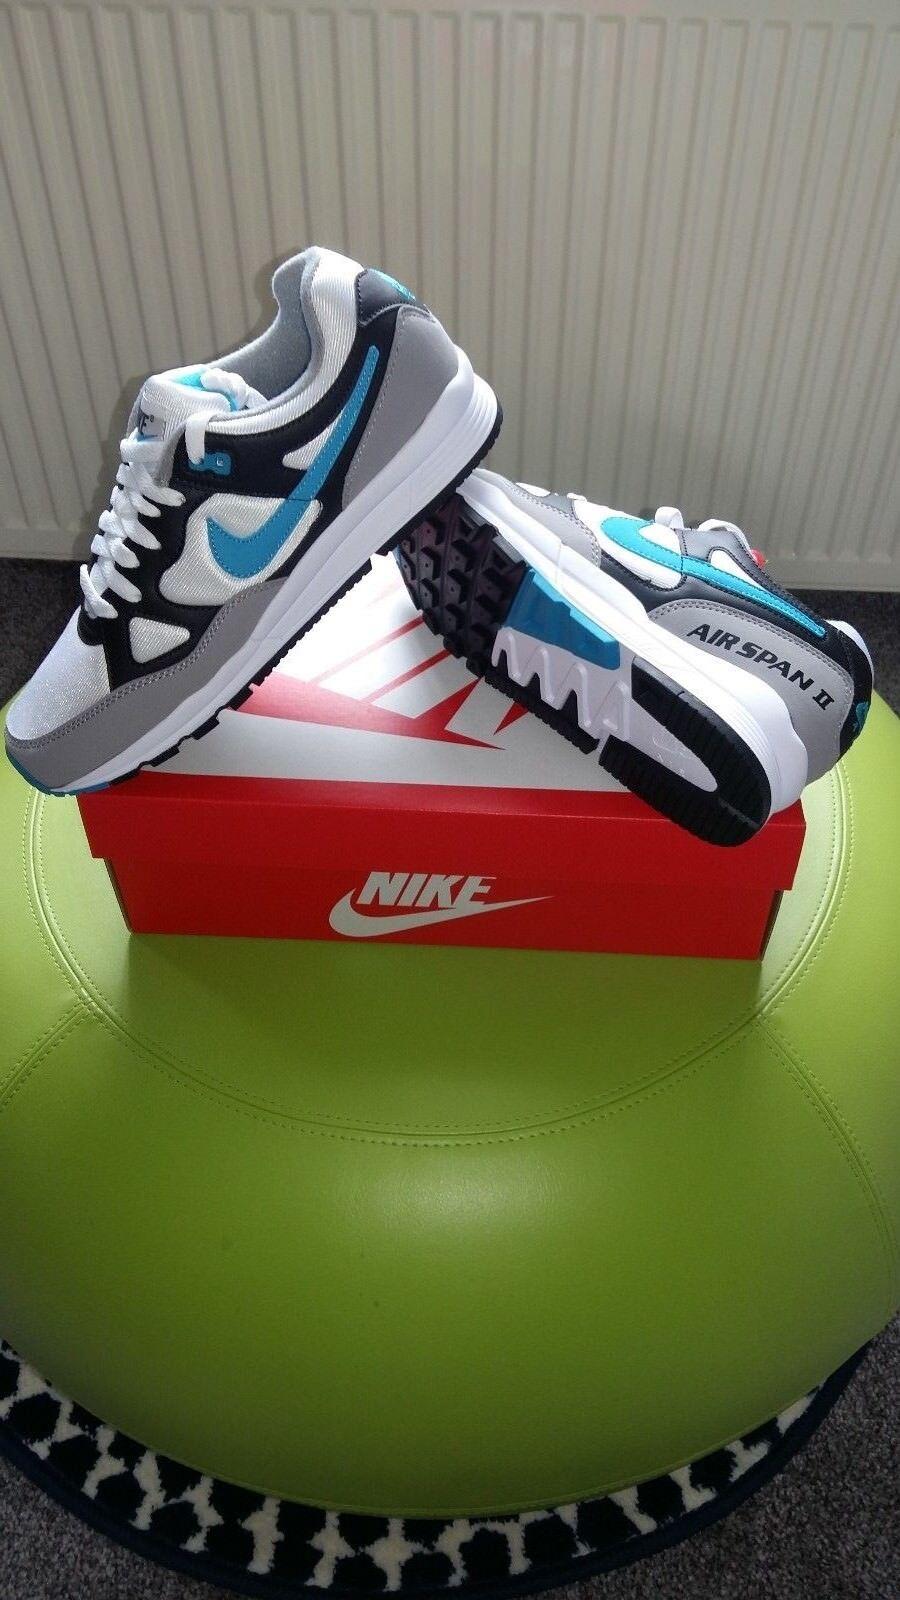 Nike Air Span 2... Sportive Retrò Scarpe Da Ginnastica Sportive 2... Misura 11 Regno Unito eur-46 6edc11